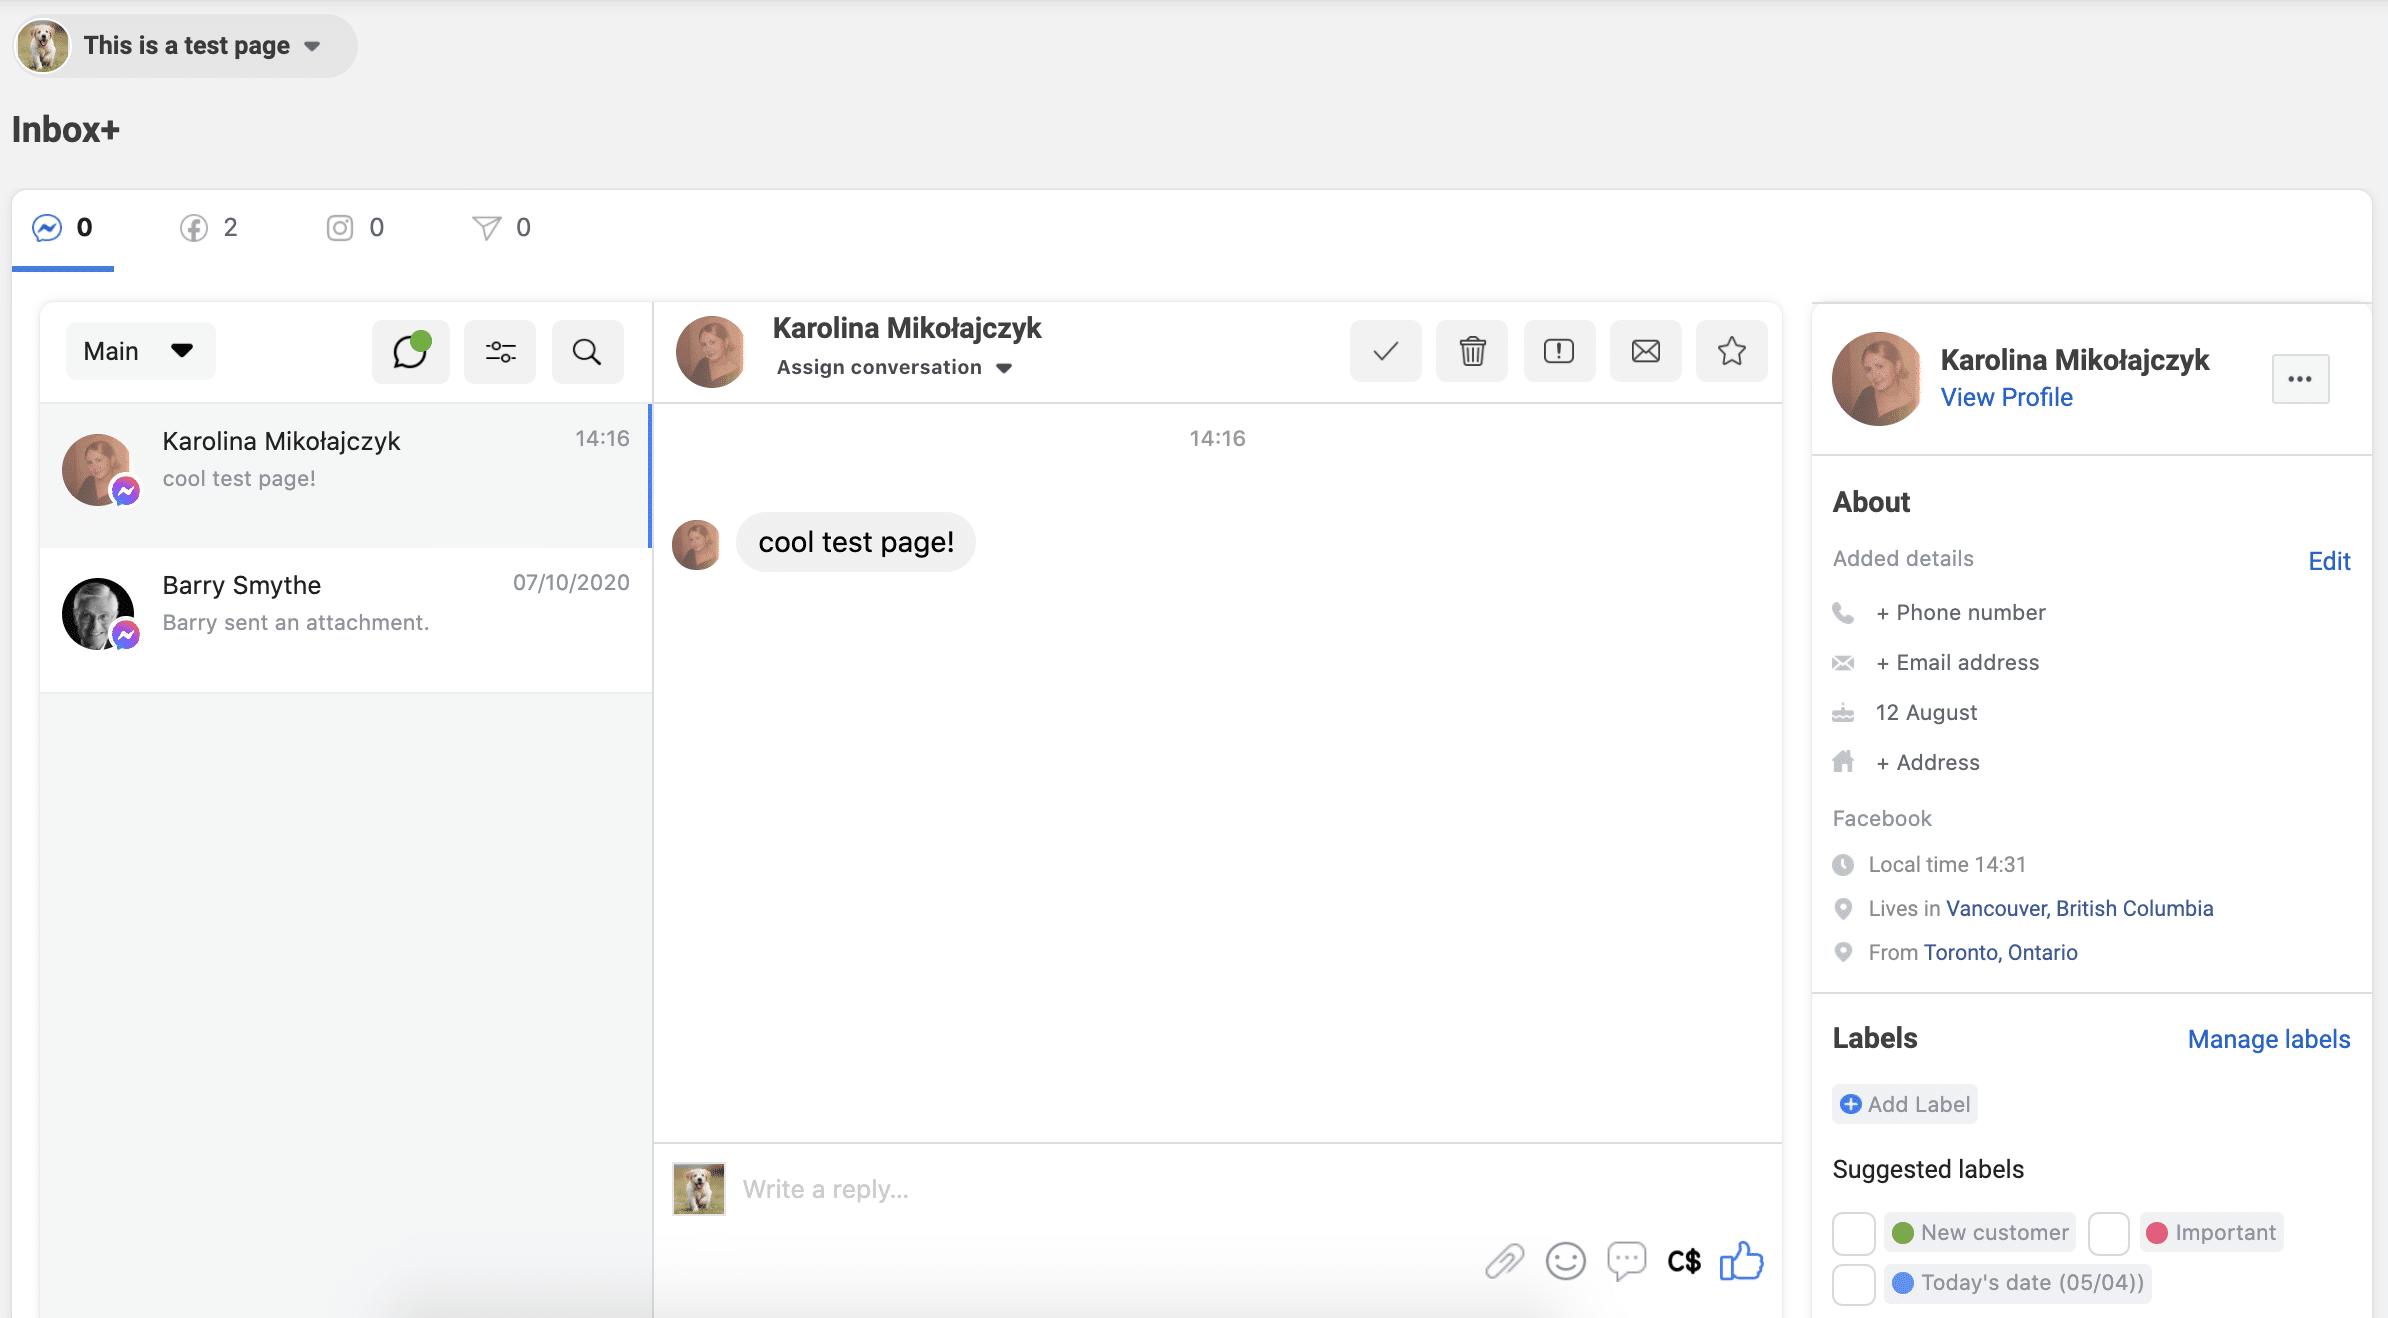 Inbox+ platform